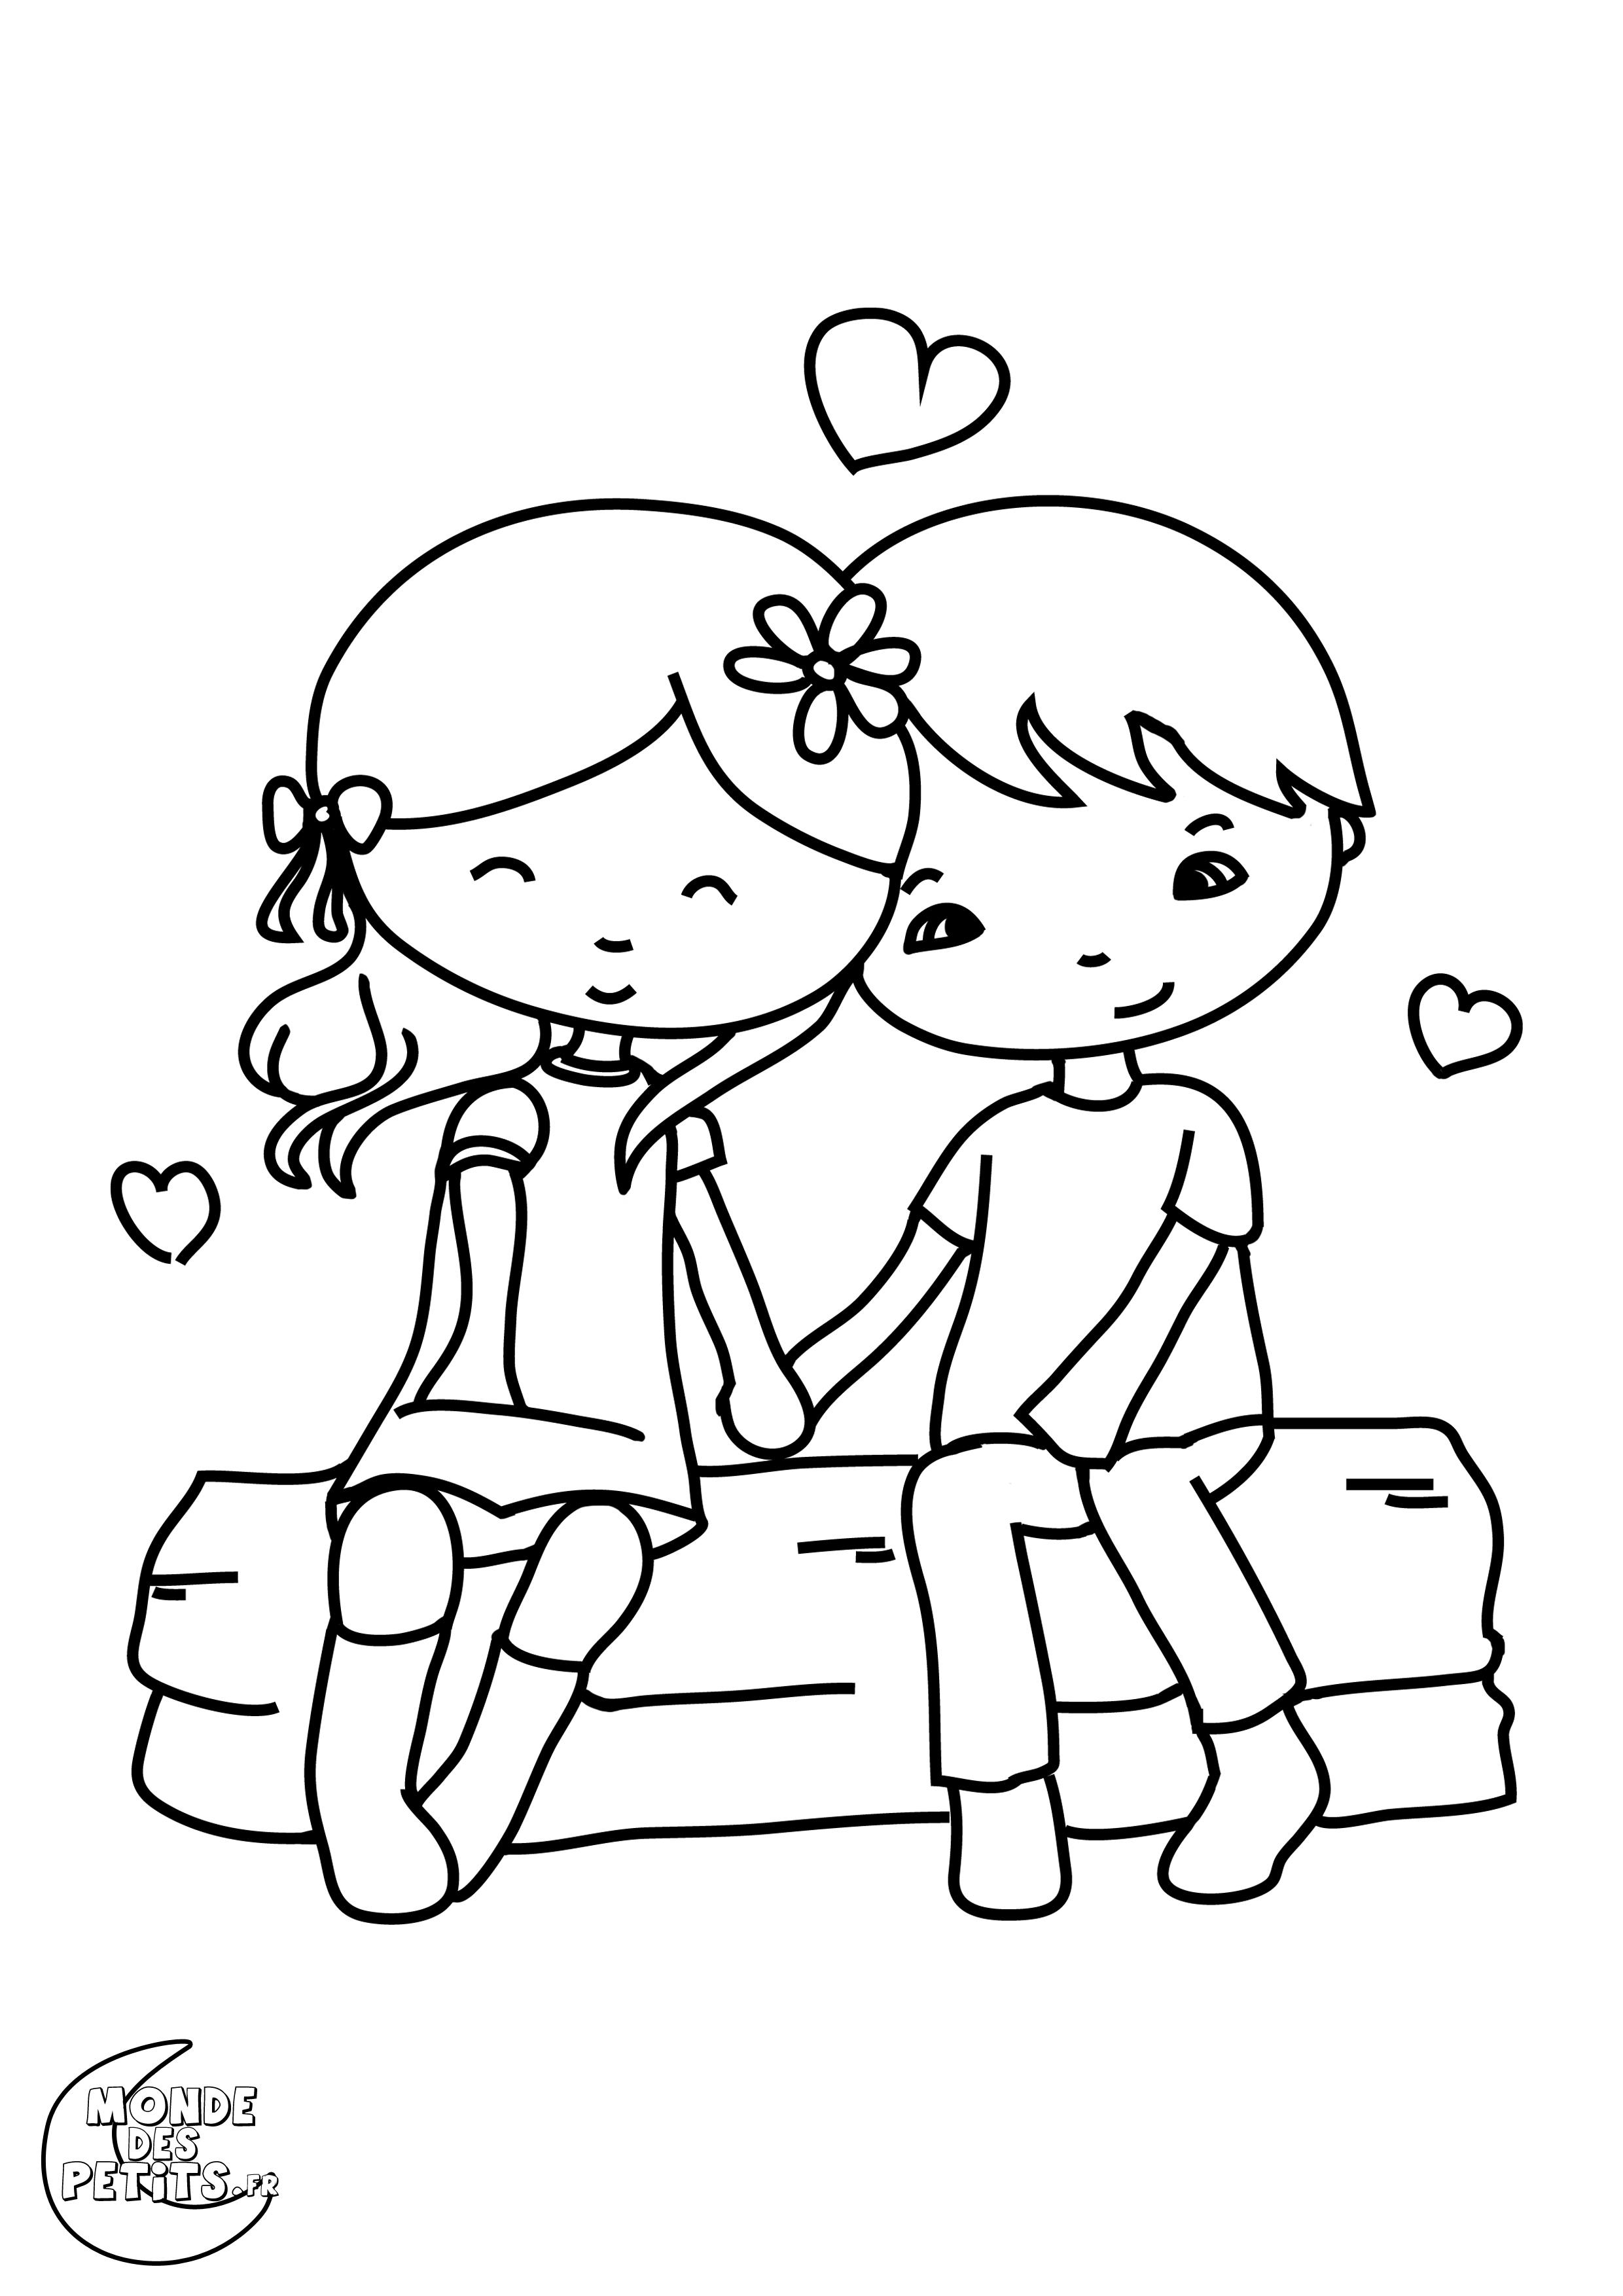 95 dessins de coloriage st valentin pour maman imprimer - Dessin imprimer ...